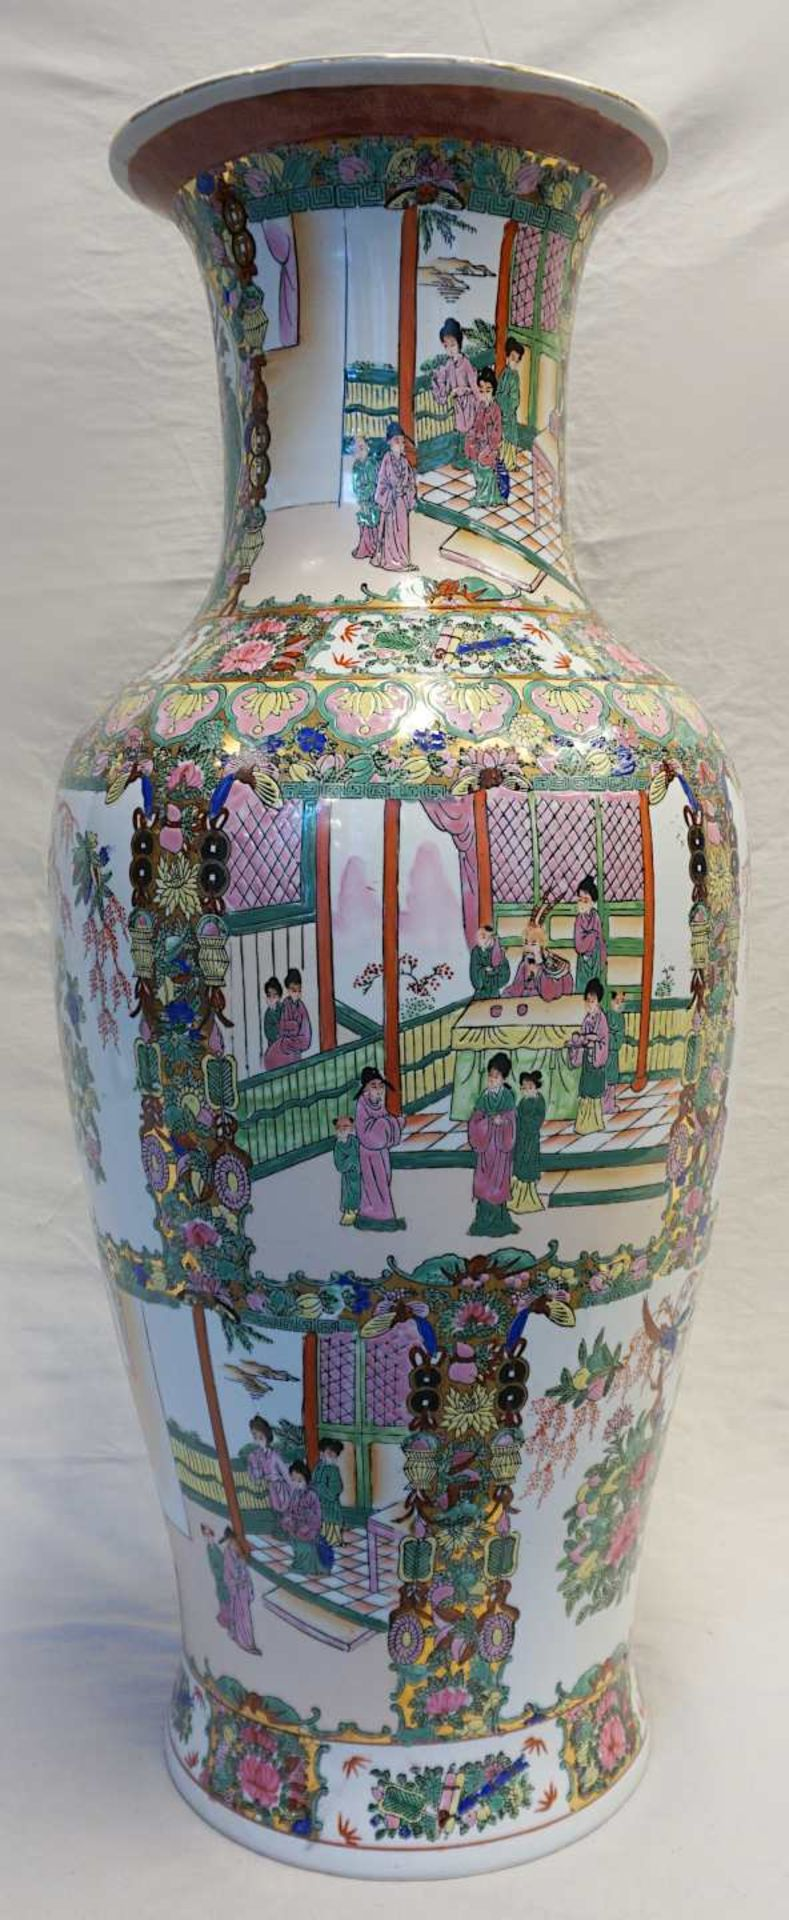 1 Bodenvase Porzellan China 20. Jh. Wandung mit leicht platischem Dekor auf weißem Fo